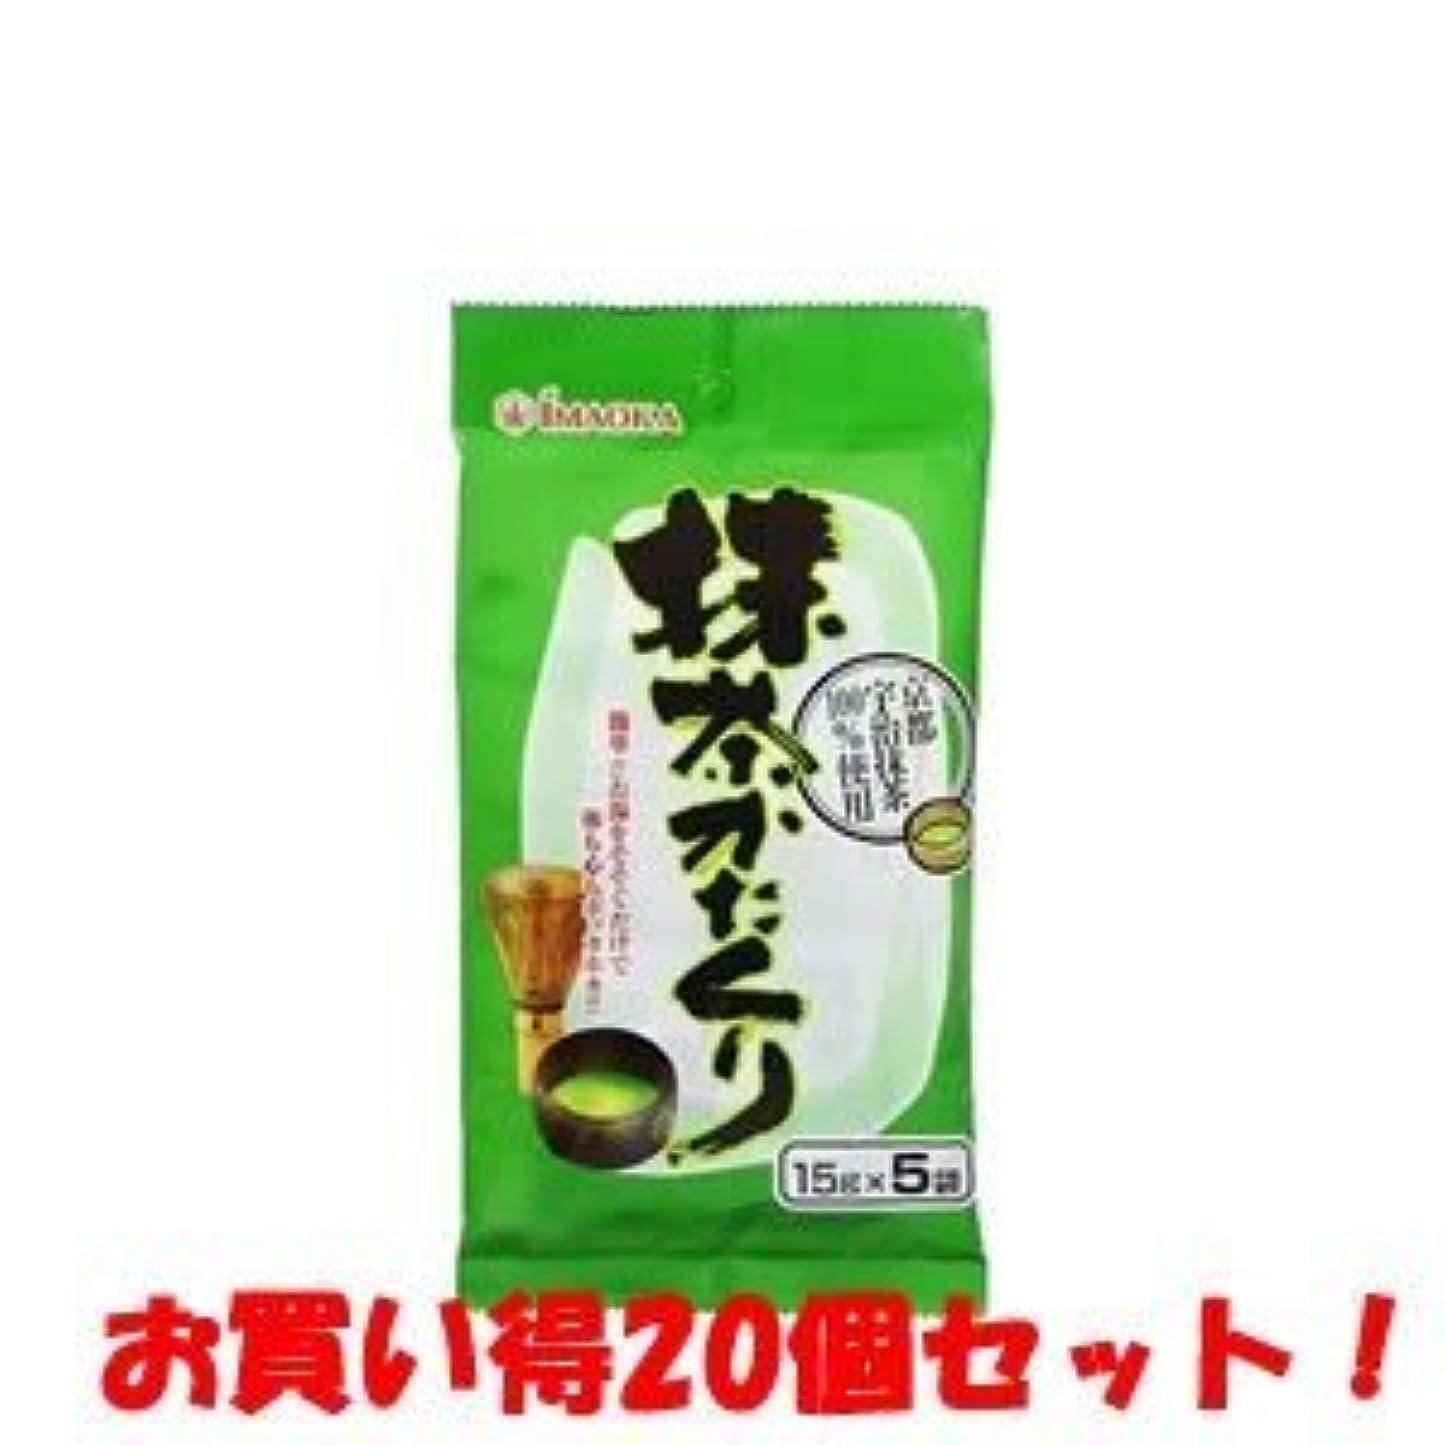 コックポゴスティックジャンプボード(今岡製菓)抹茶かたくり 15g×5袋(お買い得20個セット)